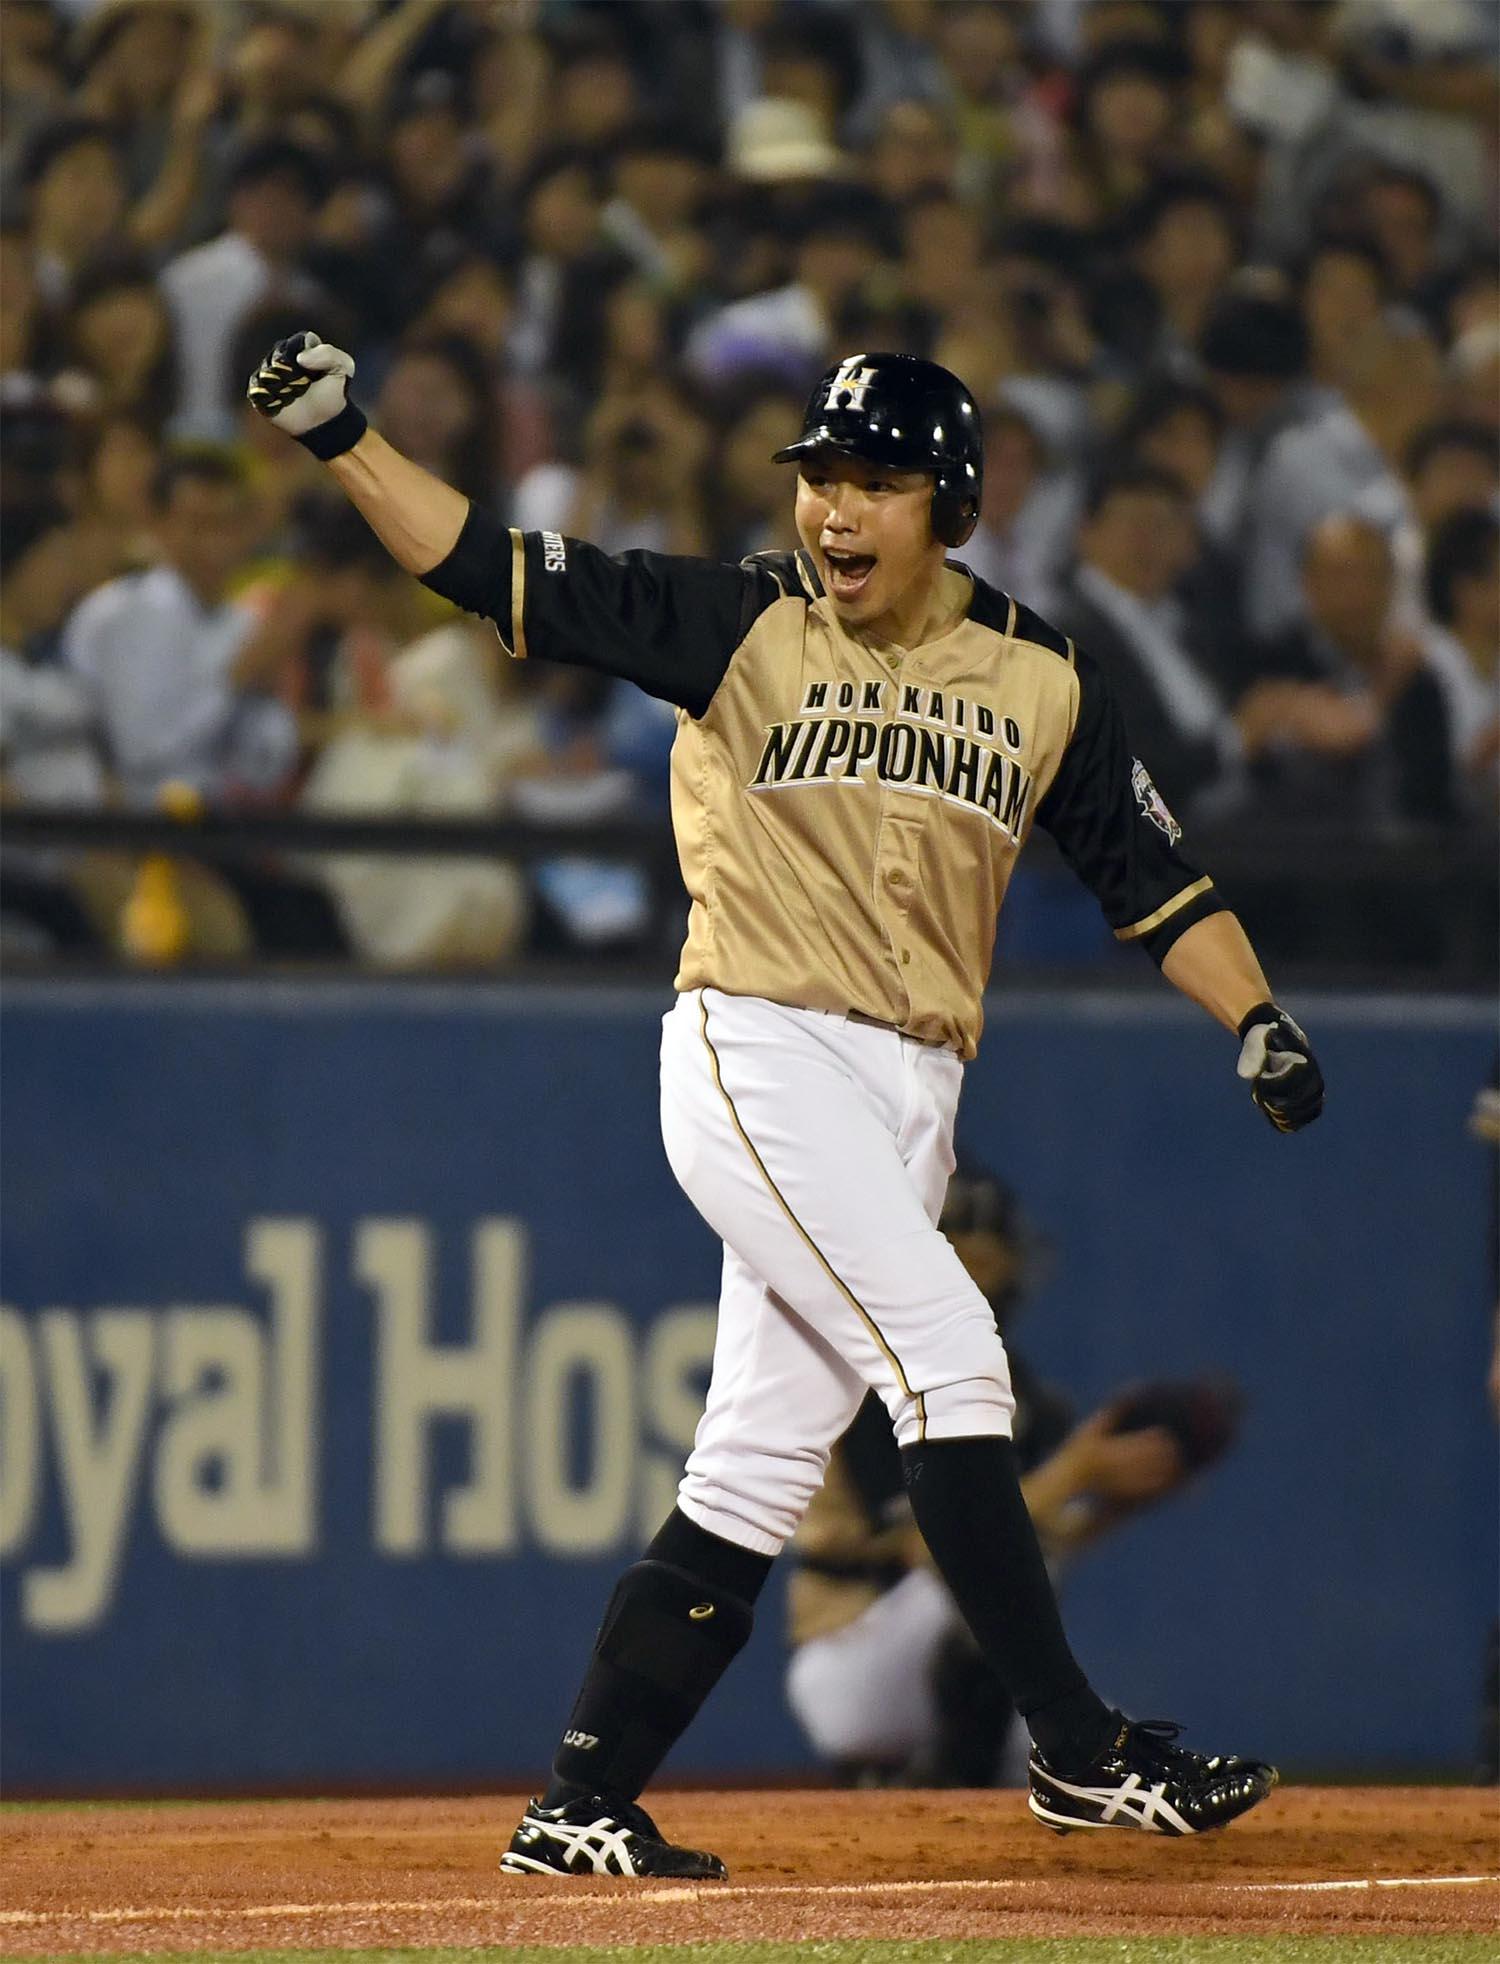 2015年6月にトレードで巨人から移籍してきた矢野謙次